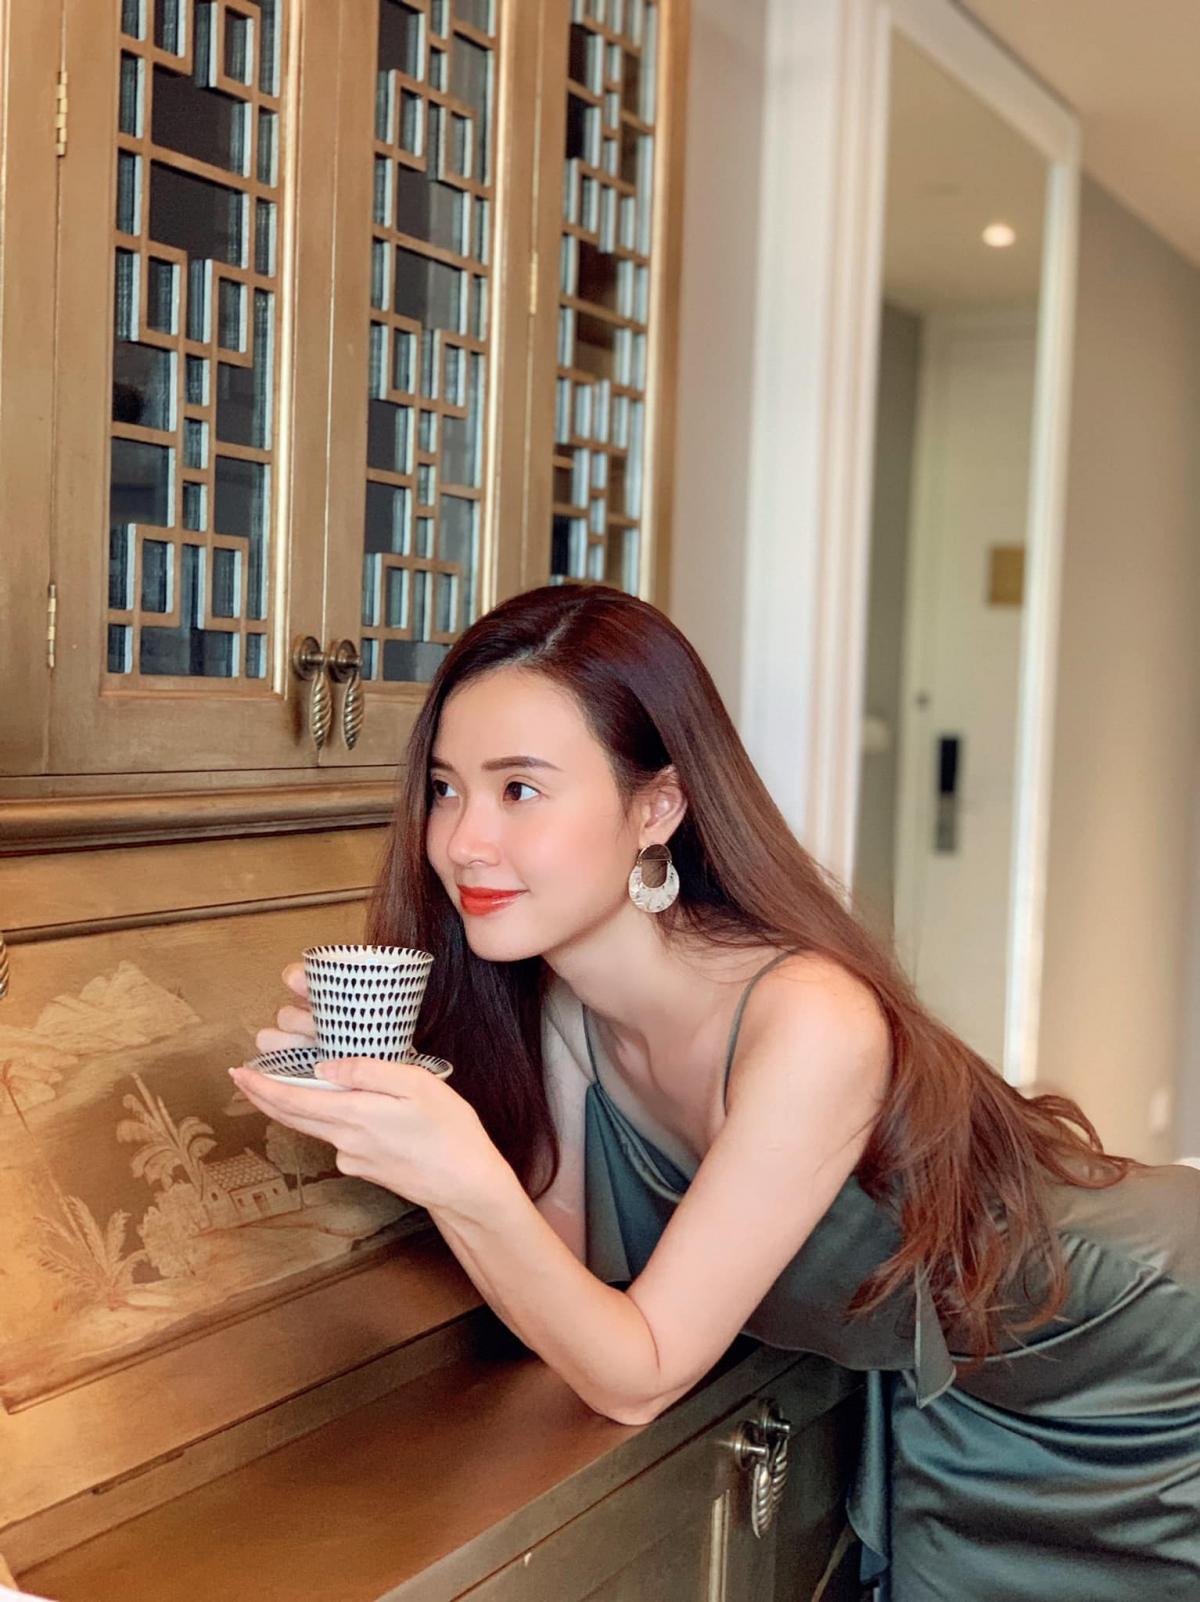 Cô nàng đa tài này còn sở hữu cho mình mộtthương hiệu thời trangriêng mang tên Lalla. Hiện, cửa hàng thời trang của nữ diễn viên 8X có 3 chi nhánh tại TP.HCM.